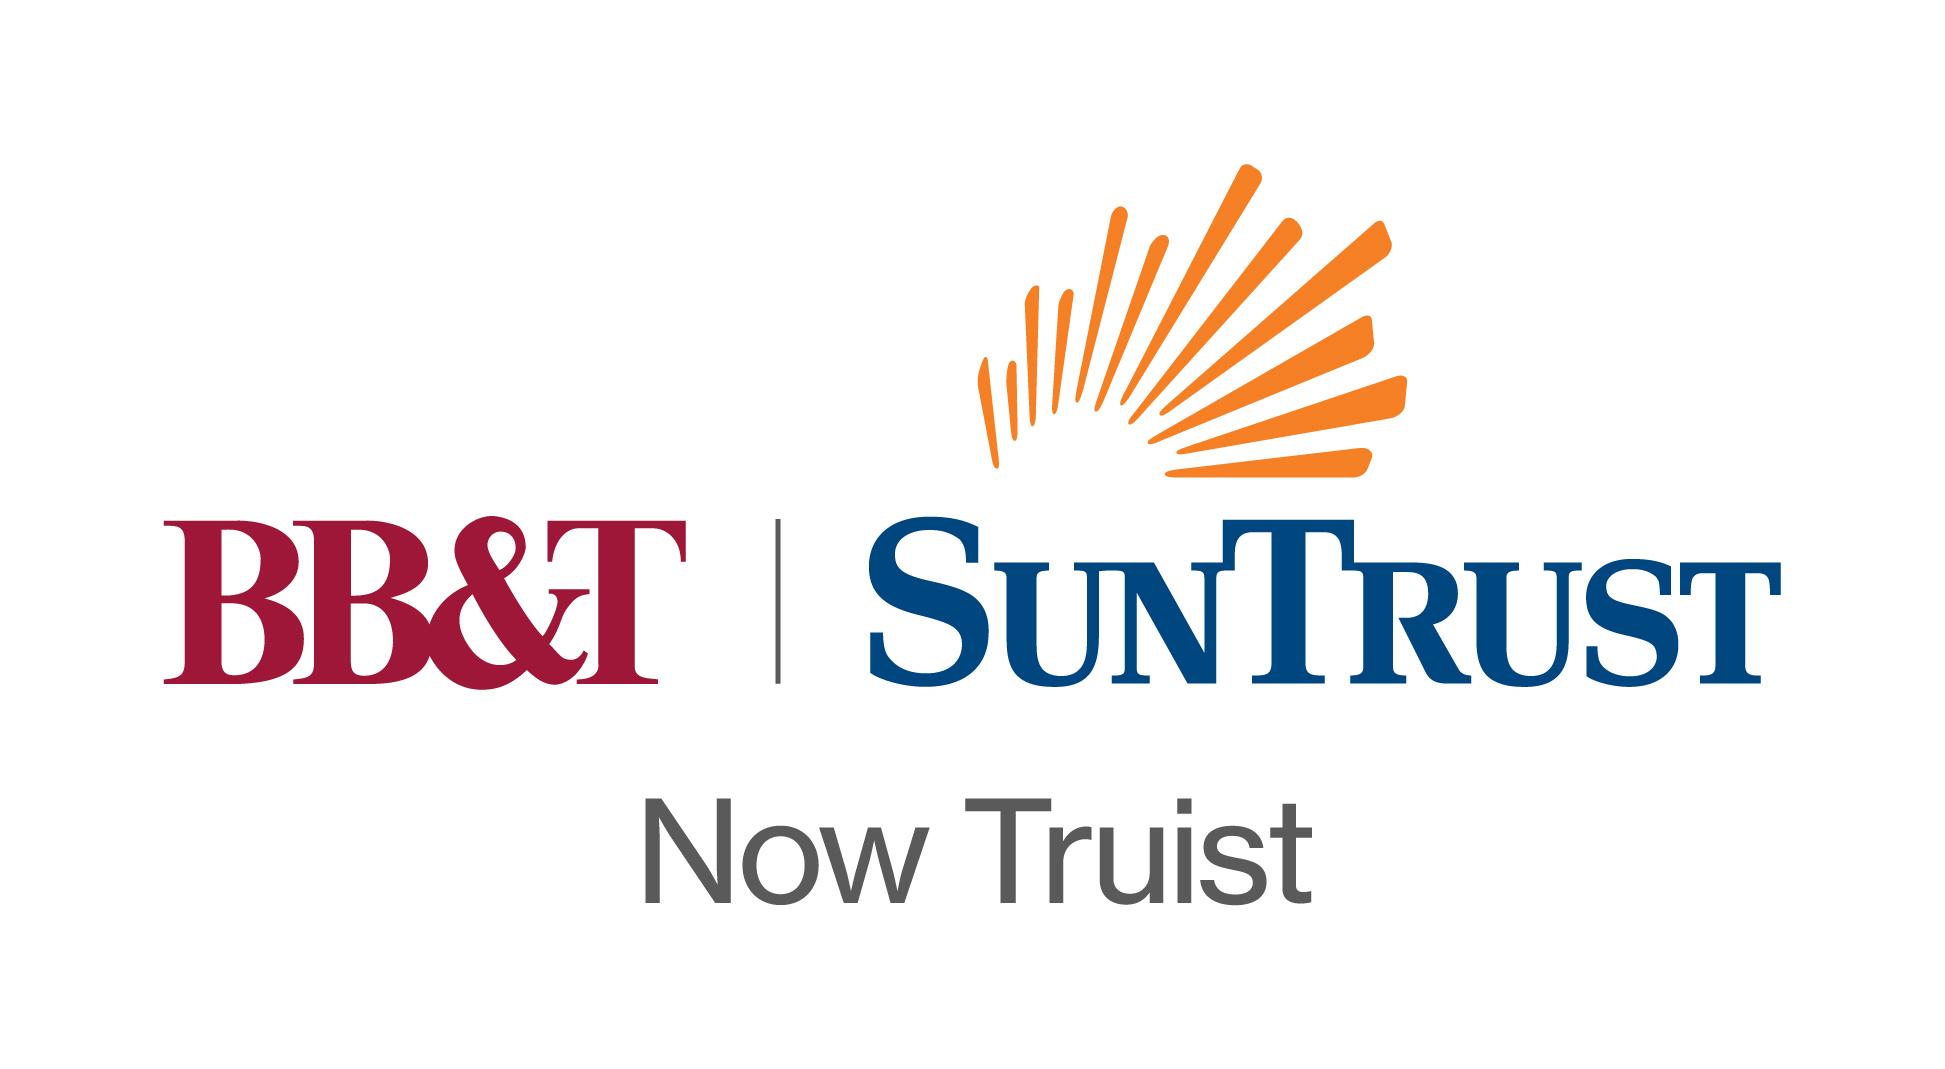 https://growthzonesitesprod.azureedge.net/wp-content/uploads/sites/668/2020/01/BBT-and-Suntrust.jpg